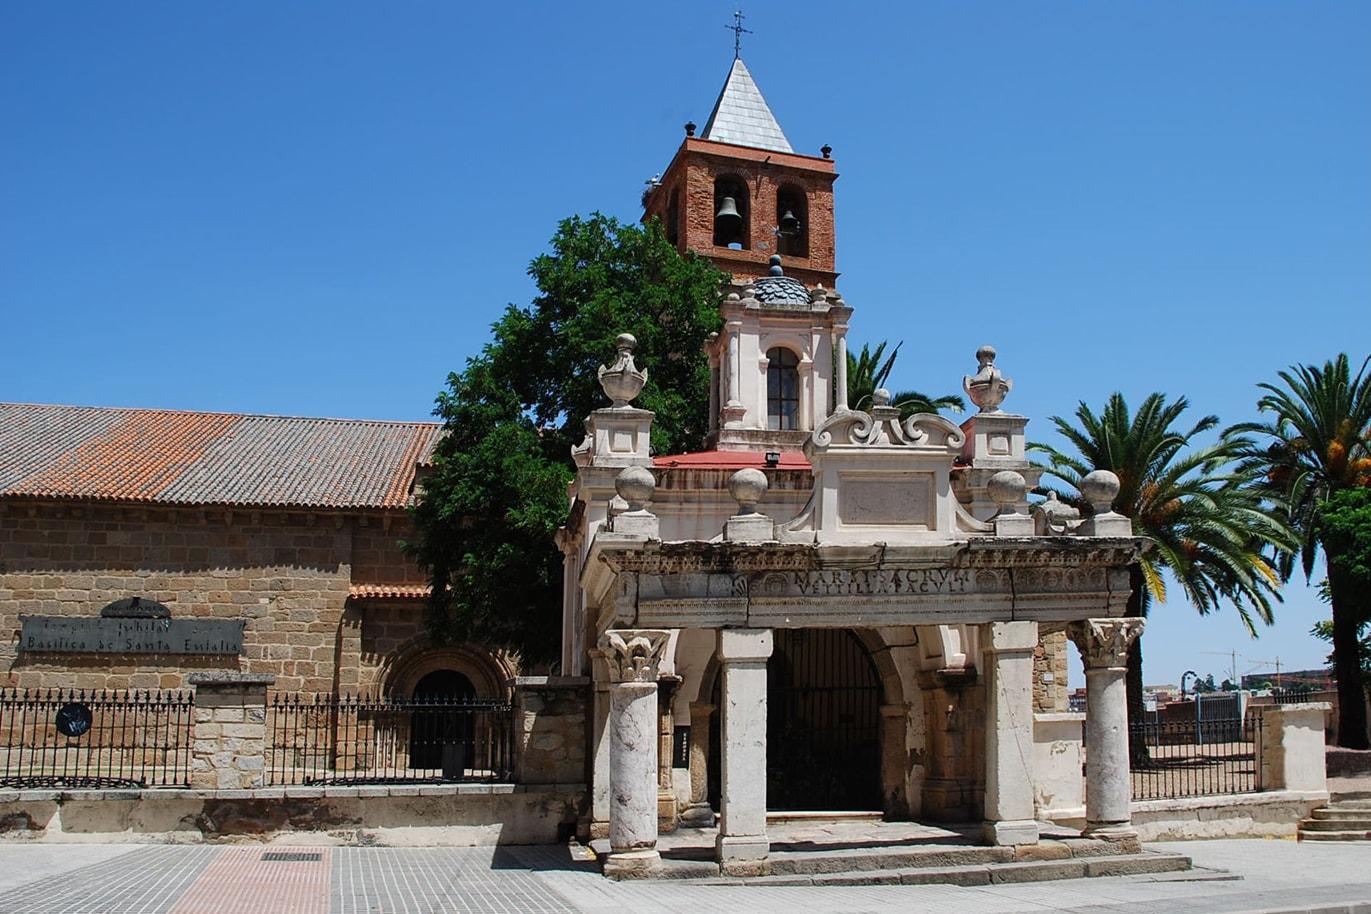 Basílica de Santa Eulalia - Orígenes de Europa